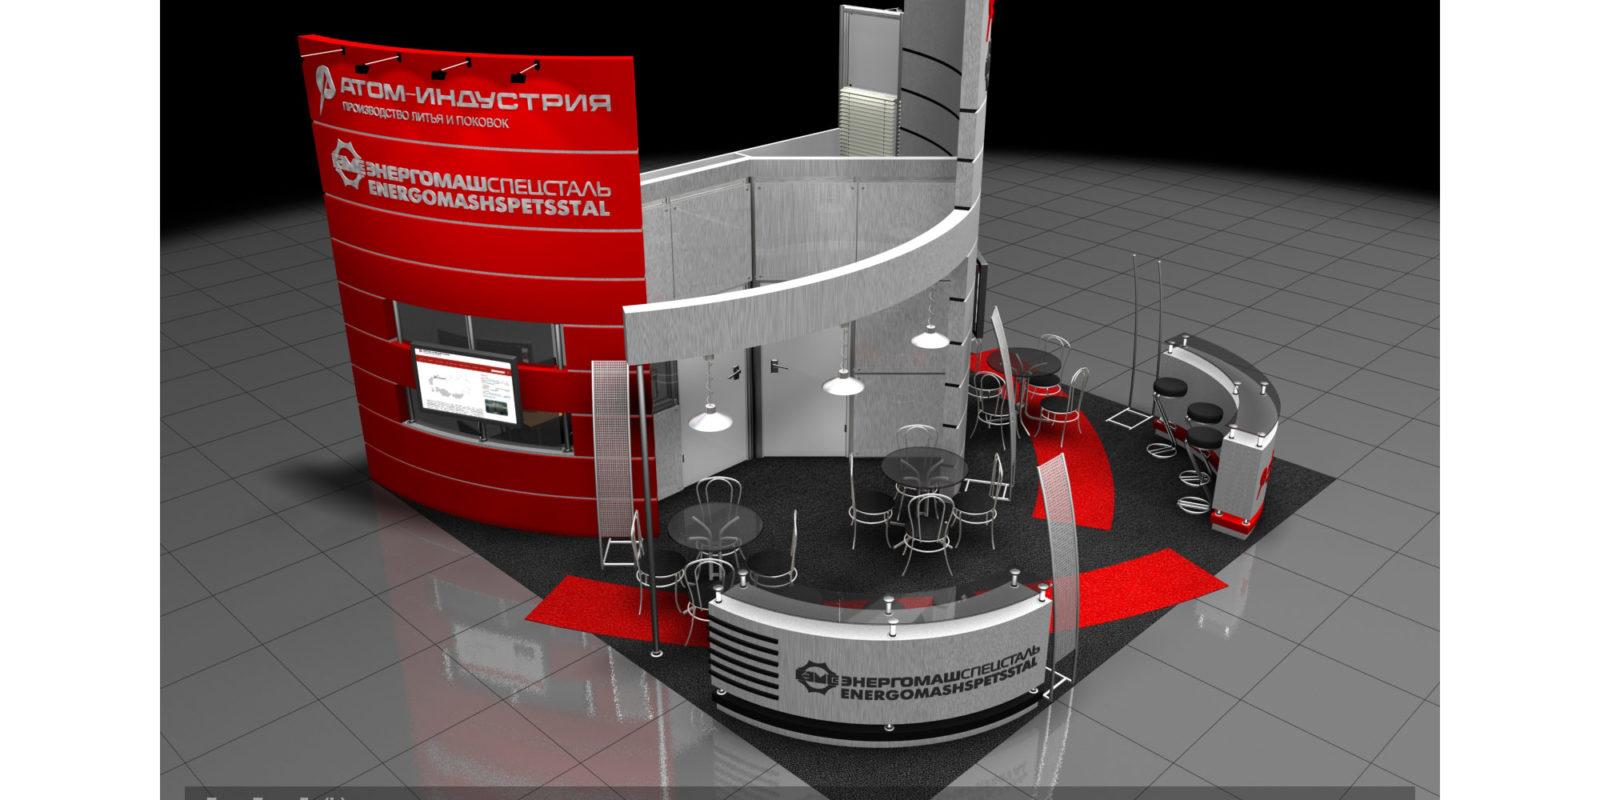 Дизайн проект выставочного стенда для компании Энергомашспецсталь. Атом-индустрия.